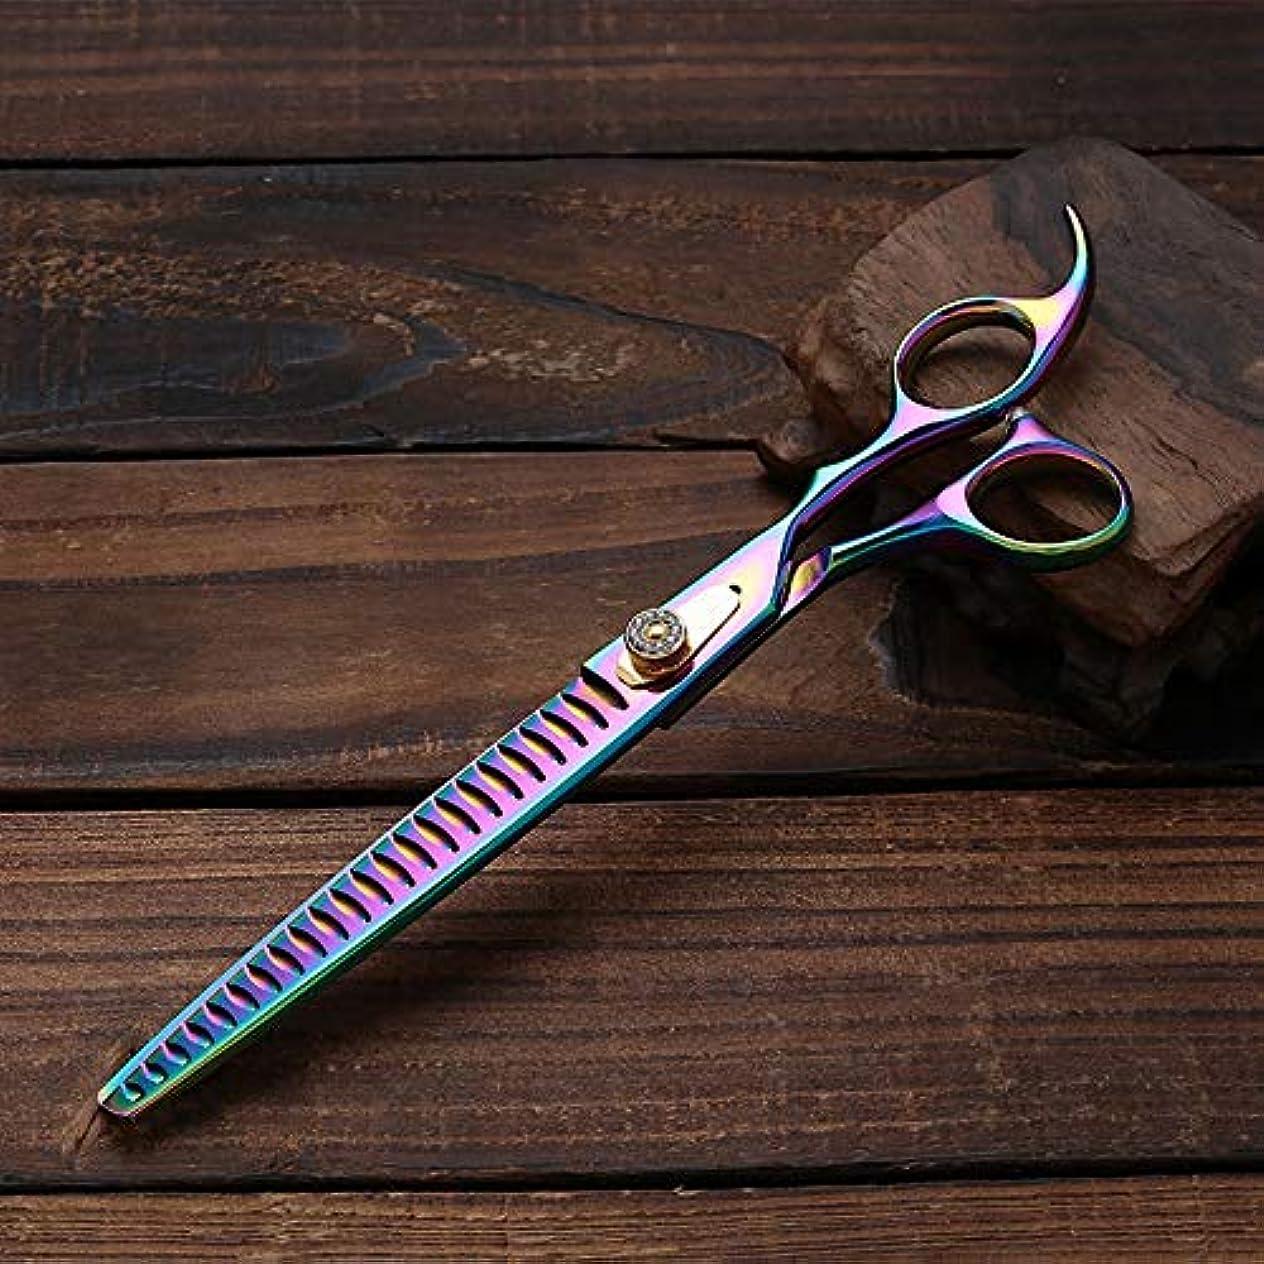 よろめくルーキー特に8.0インチの魚骨はさみ美容はさみペットの歯のカット モデリングツール (色 : 色)